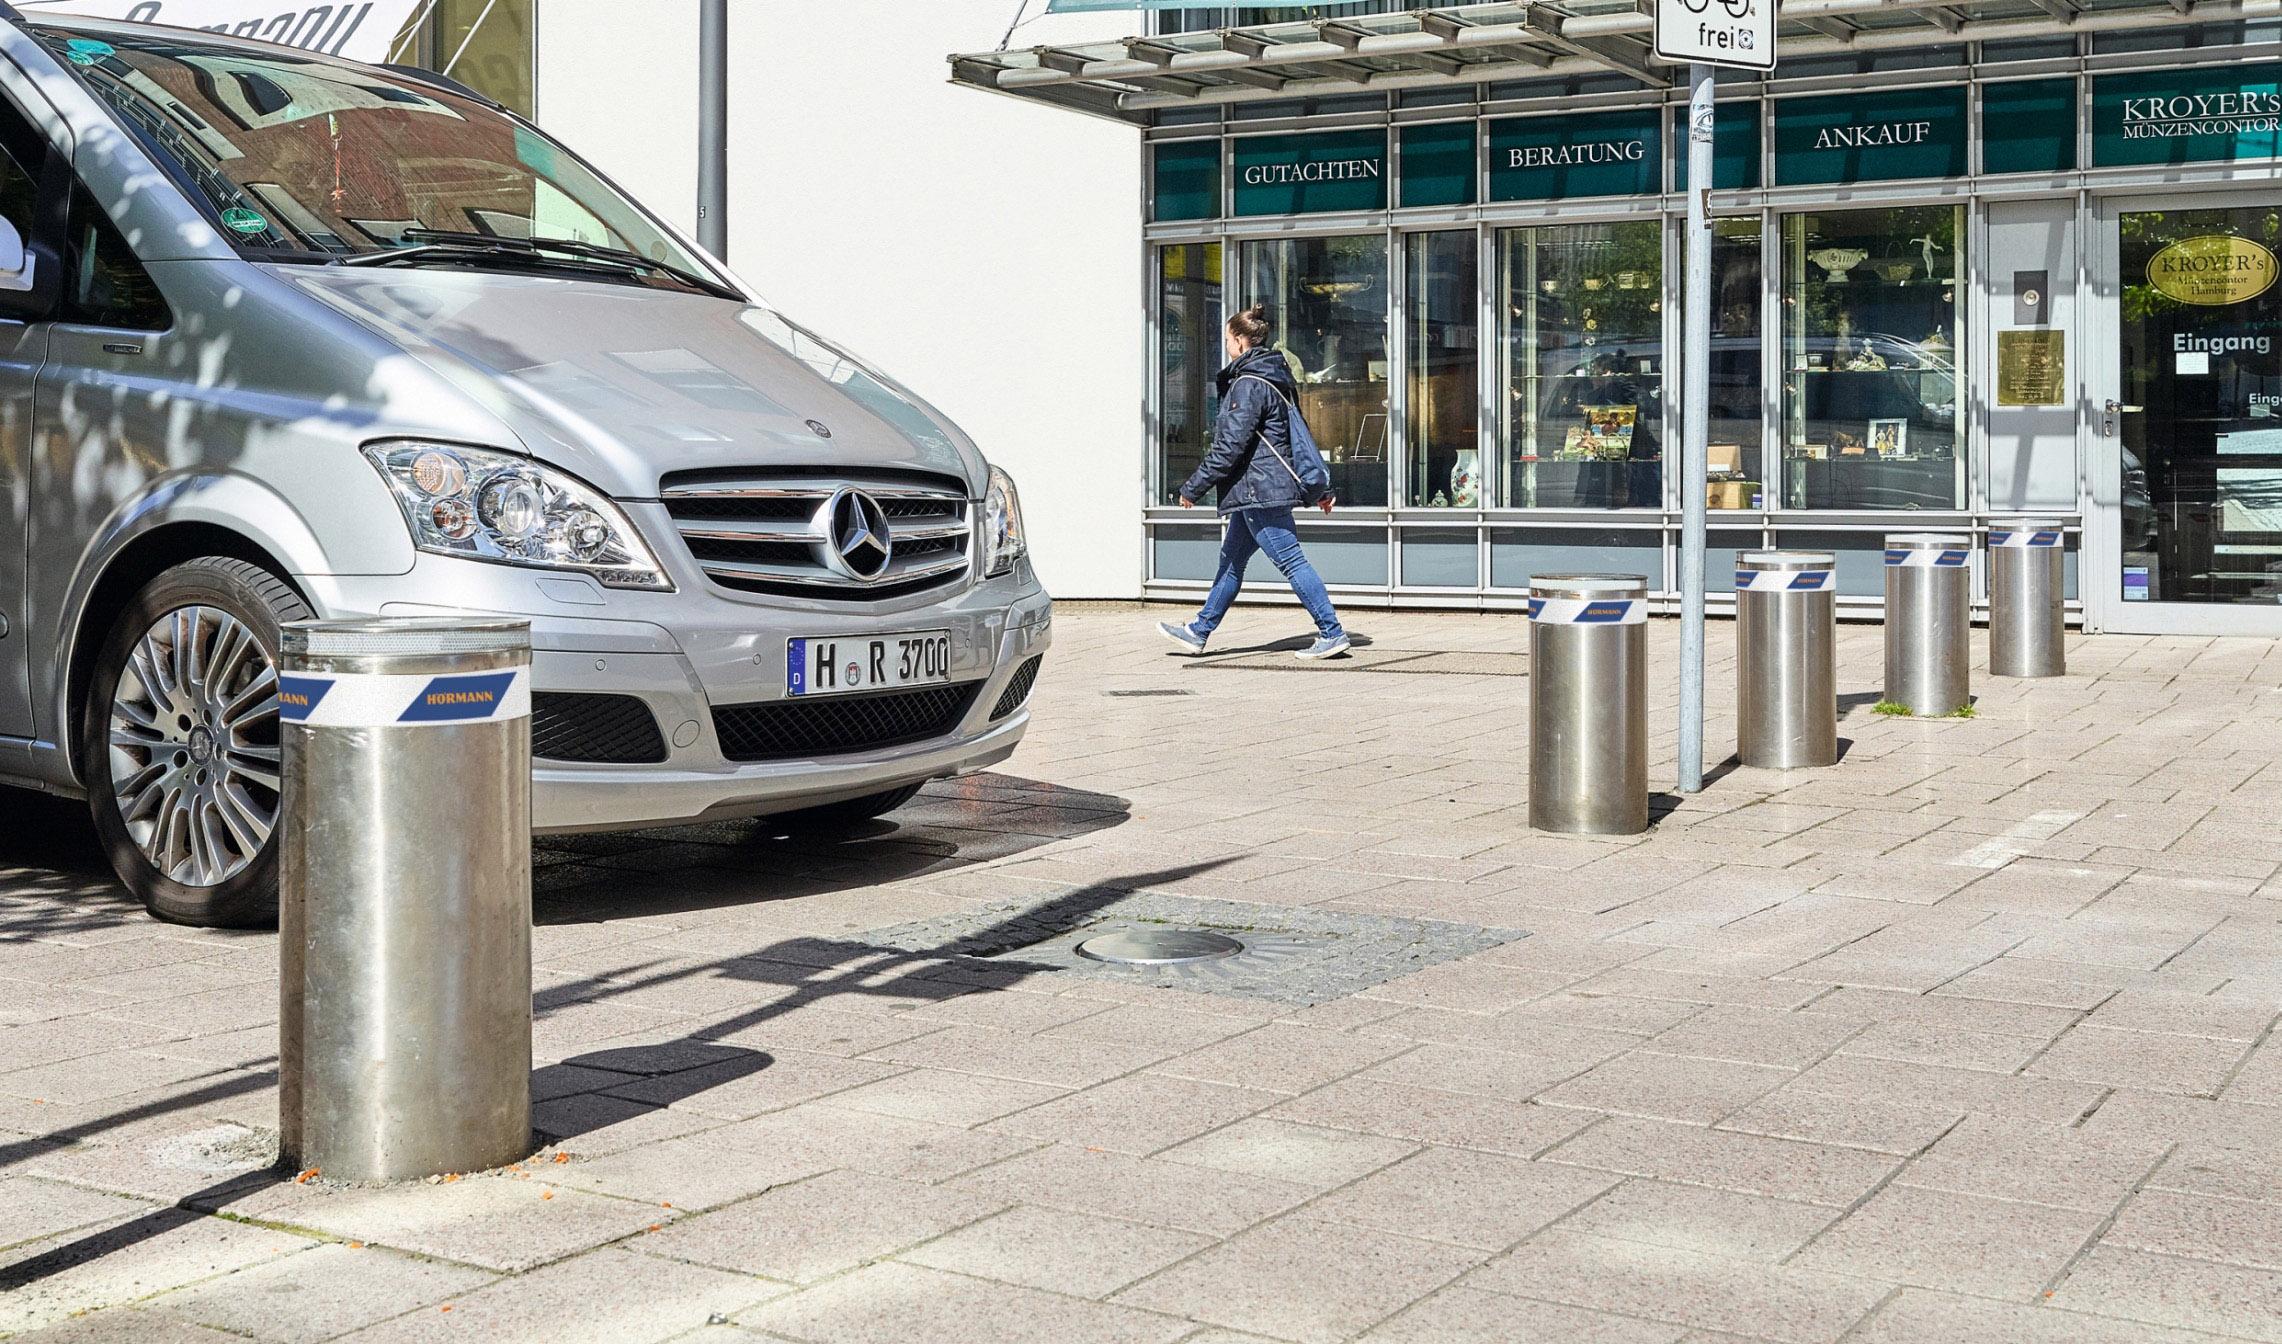 Schemi Elettrici Hormann : Dissuasori per il controllo veicolare degli accessi security line